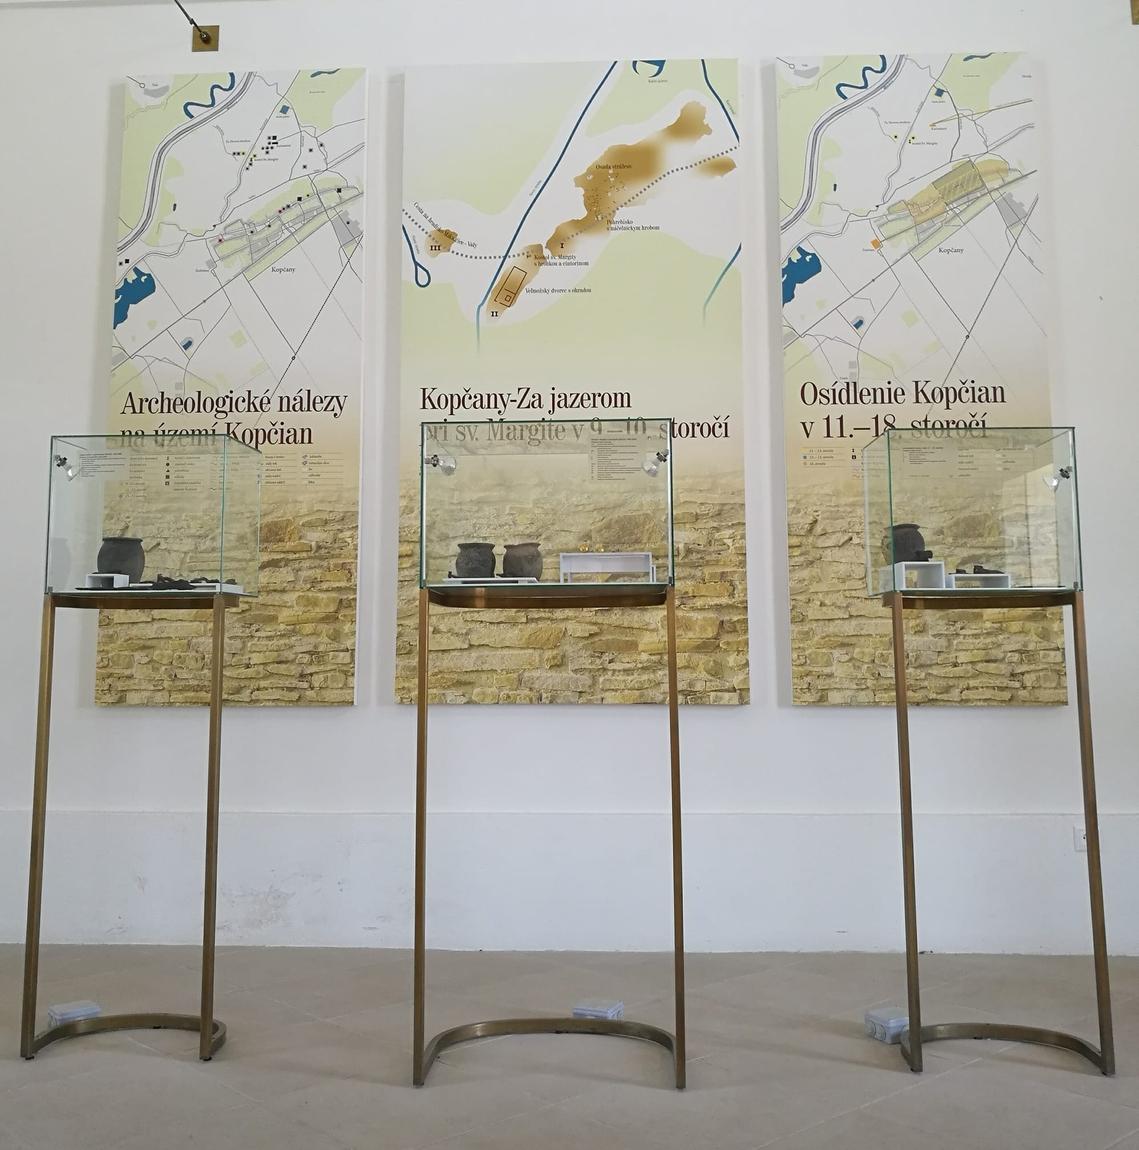 Interiér Múzea v Kopčanoch